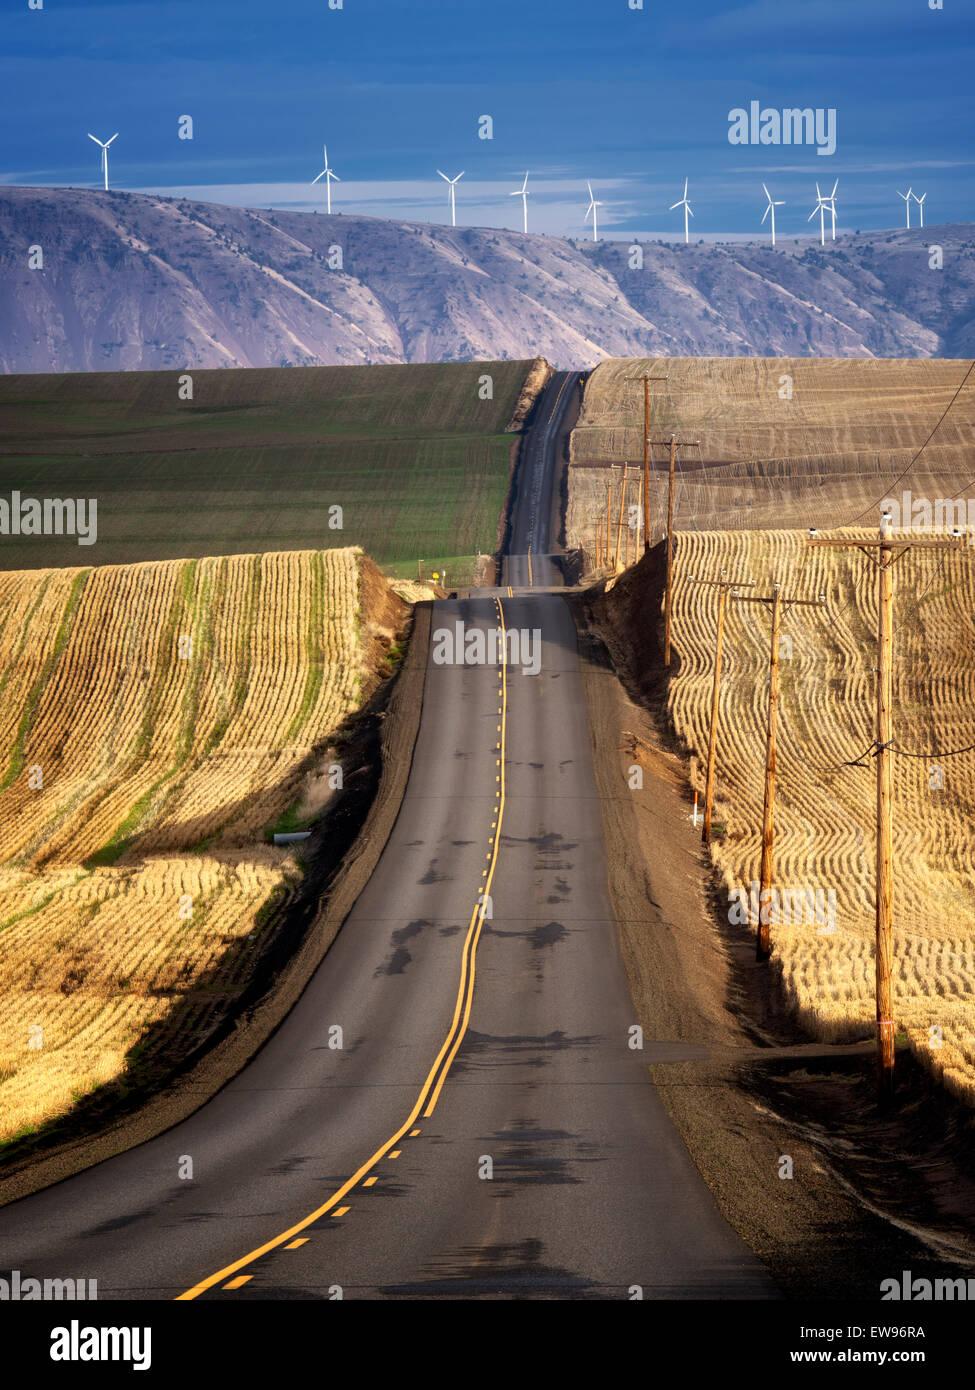 Vuelta por carretera y turbinas de viento en el Condado de Sherman, cerca del Río Columbia Gorge, Oregón Imagen De Stock